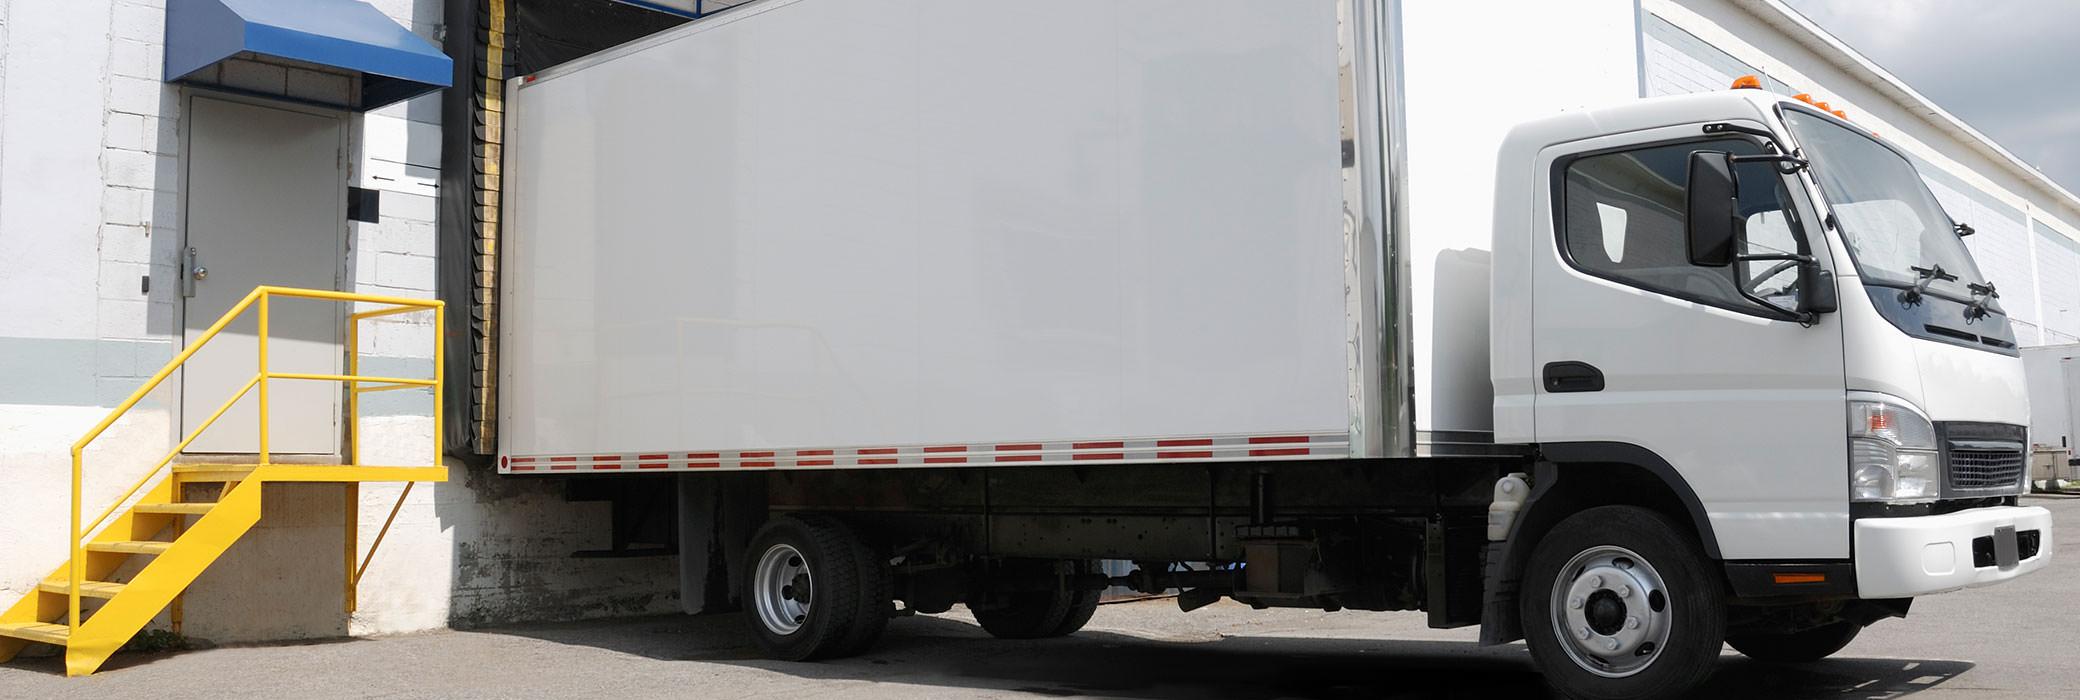 Ein weißer Lieferwagen steht vor einem Gebäude und wird beladen